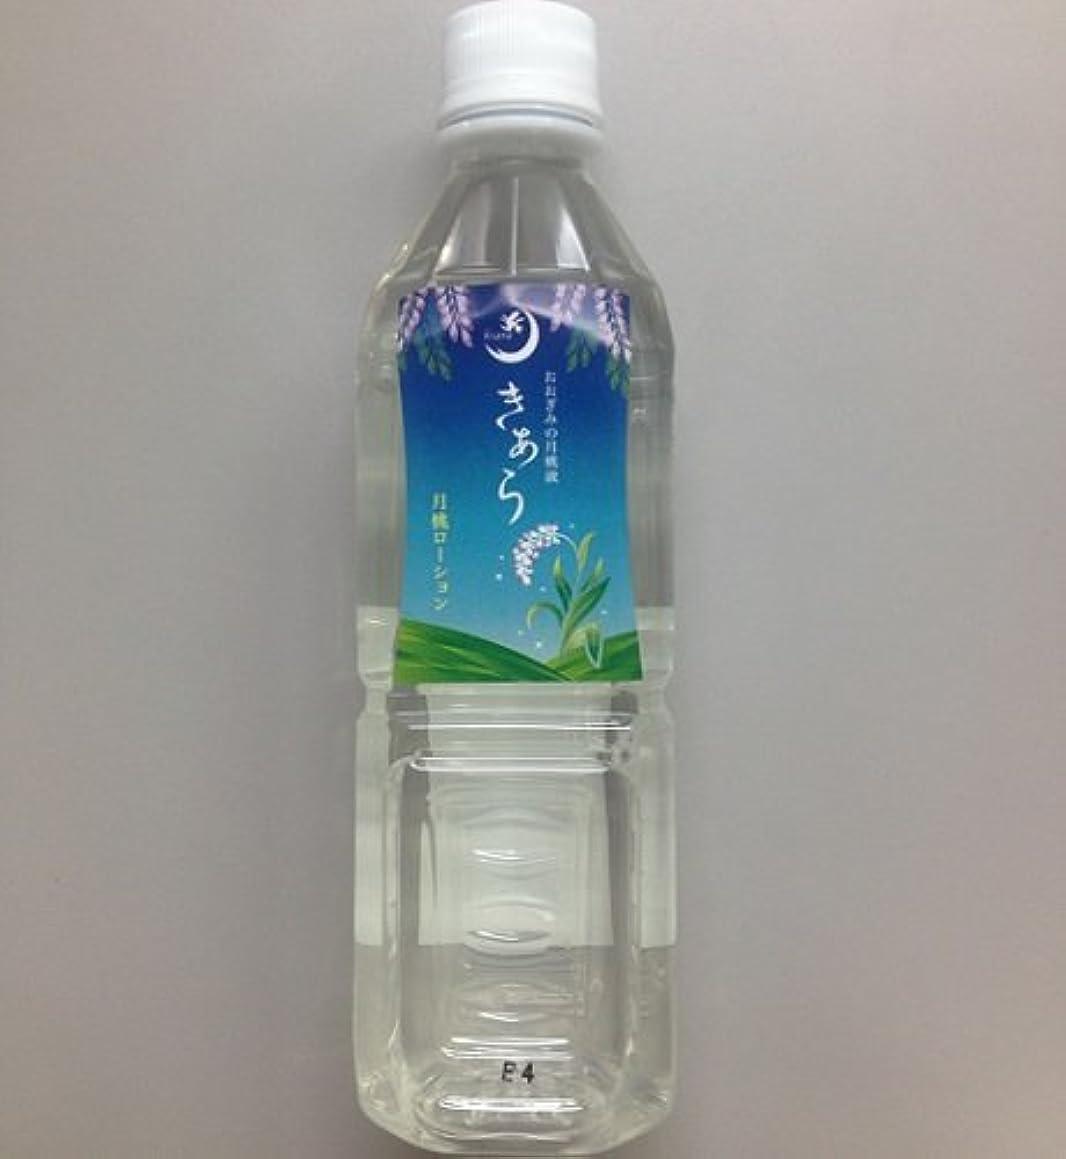 病気だと思う歩行者パシフィックきあら化粧水500ml(詰め替え用)